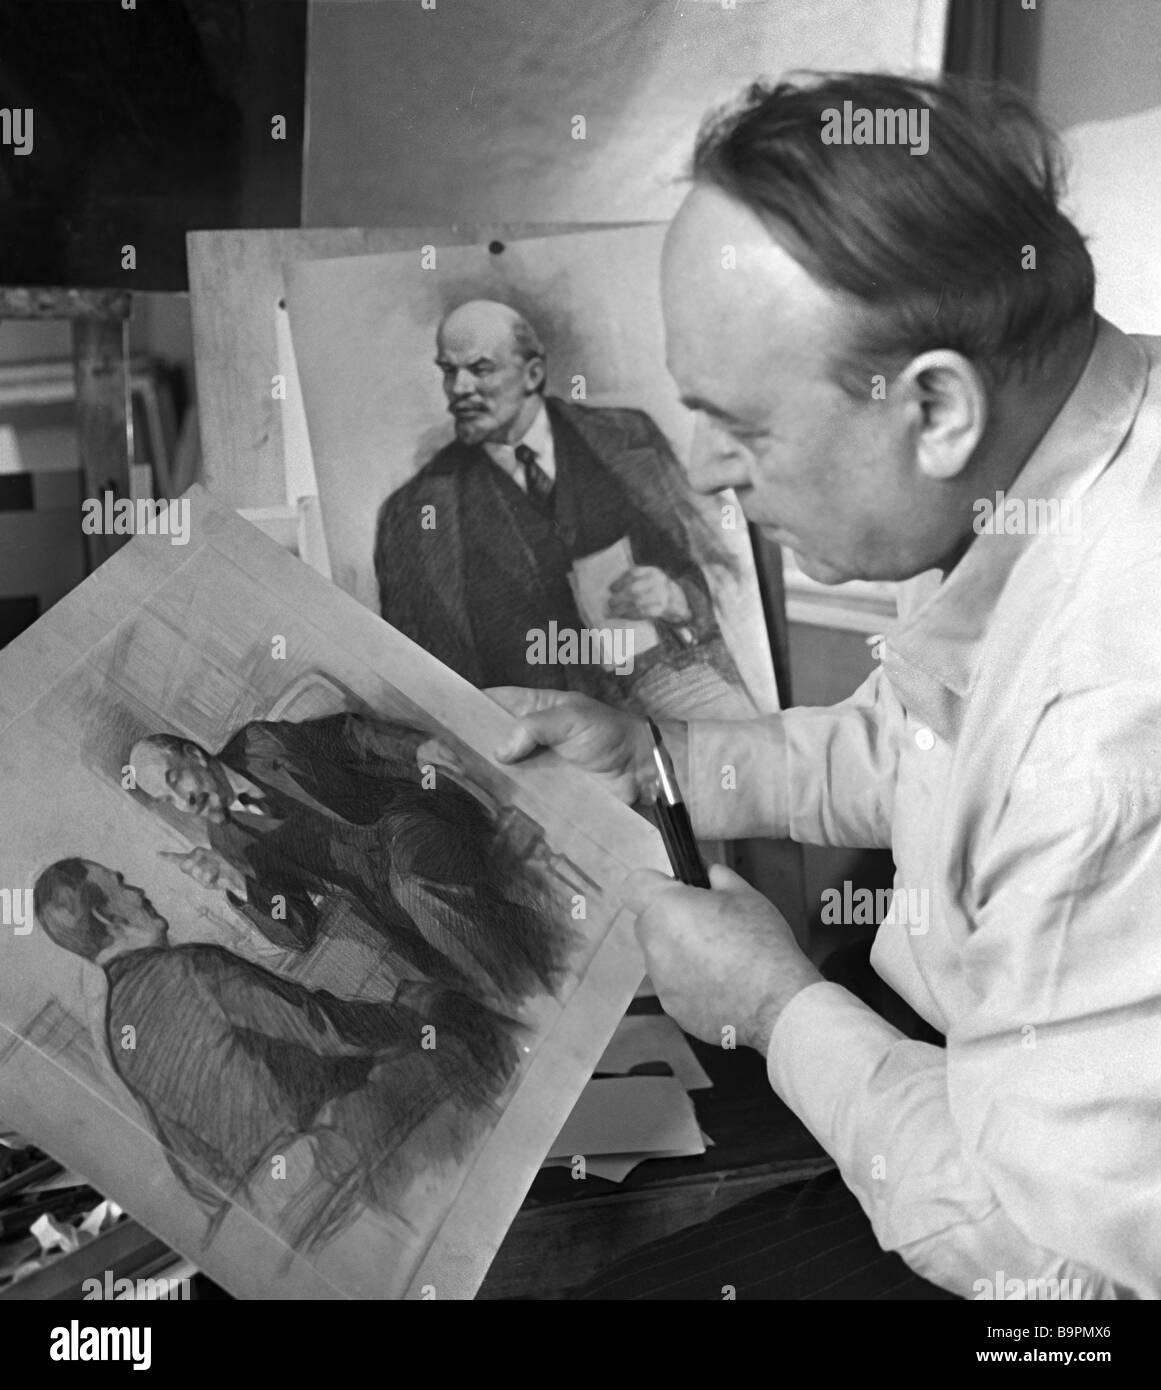 Künstler Pyotr Vasilyev 1899 1975 mit seinen Porträts von Lenin Stockbild